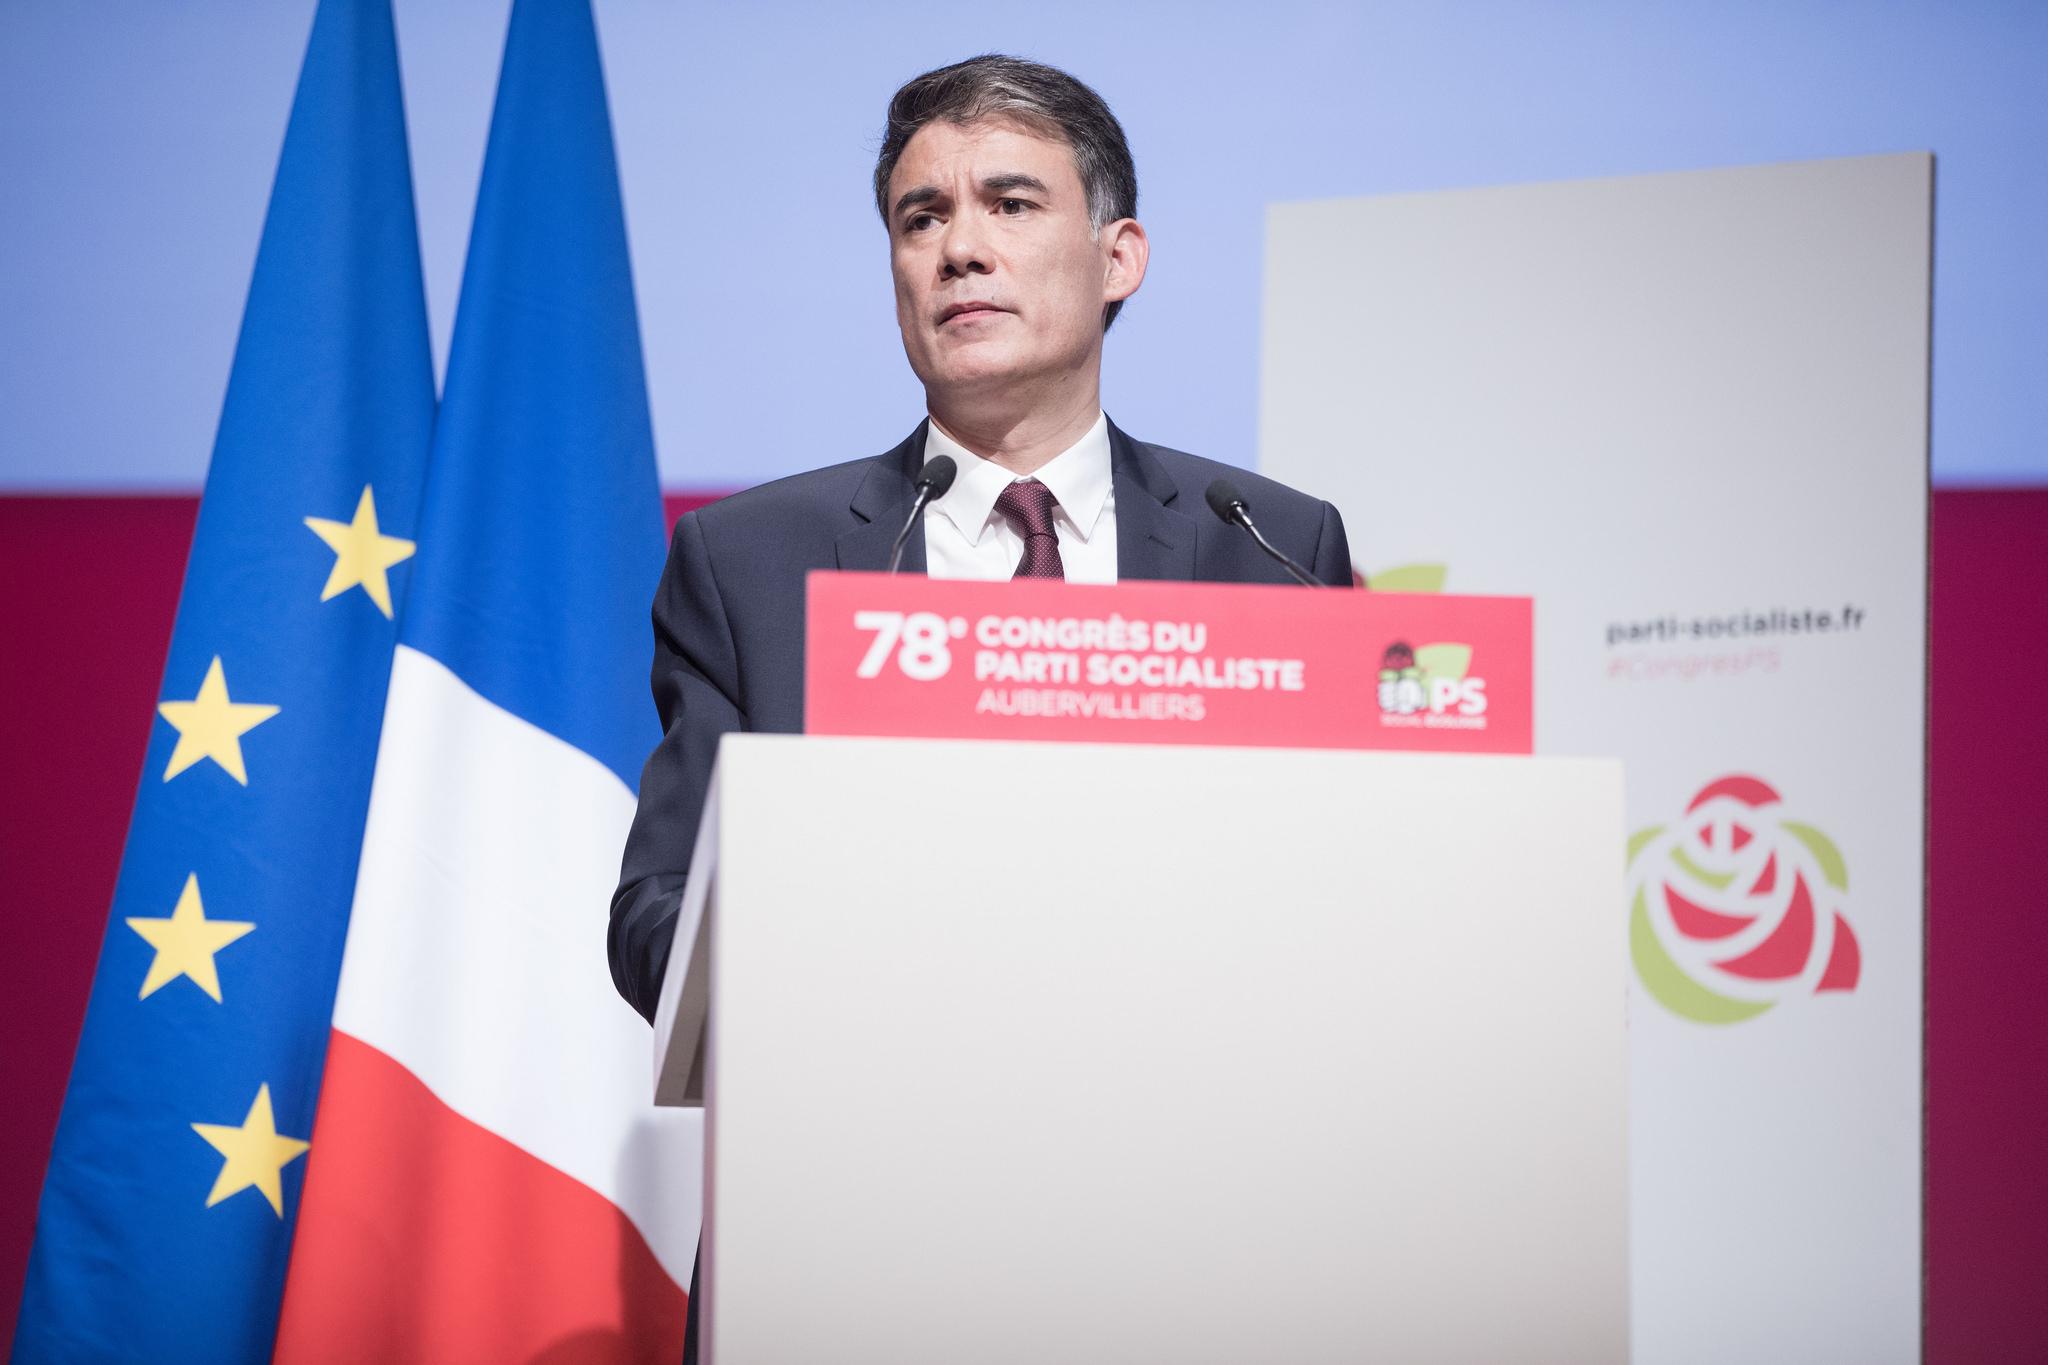 Congrès d'Aubervilliers 7 et 8 avril 2018